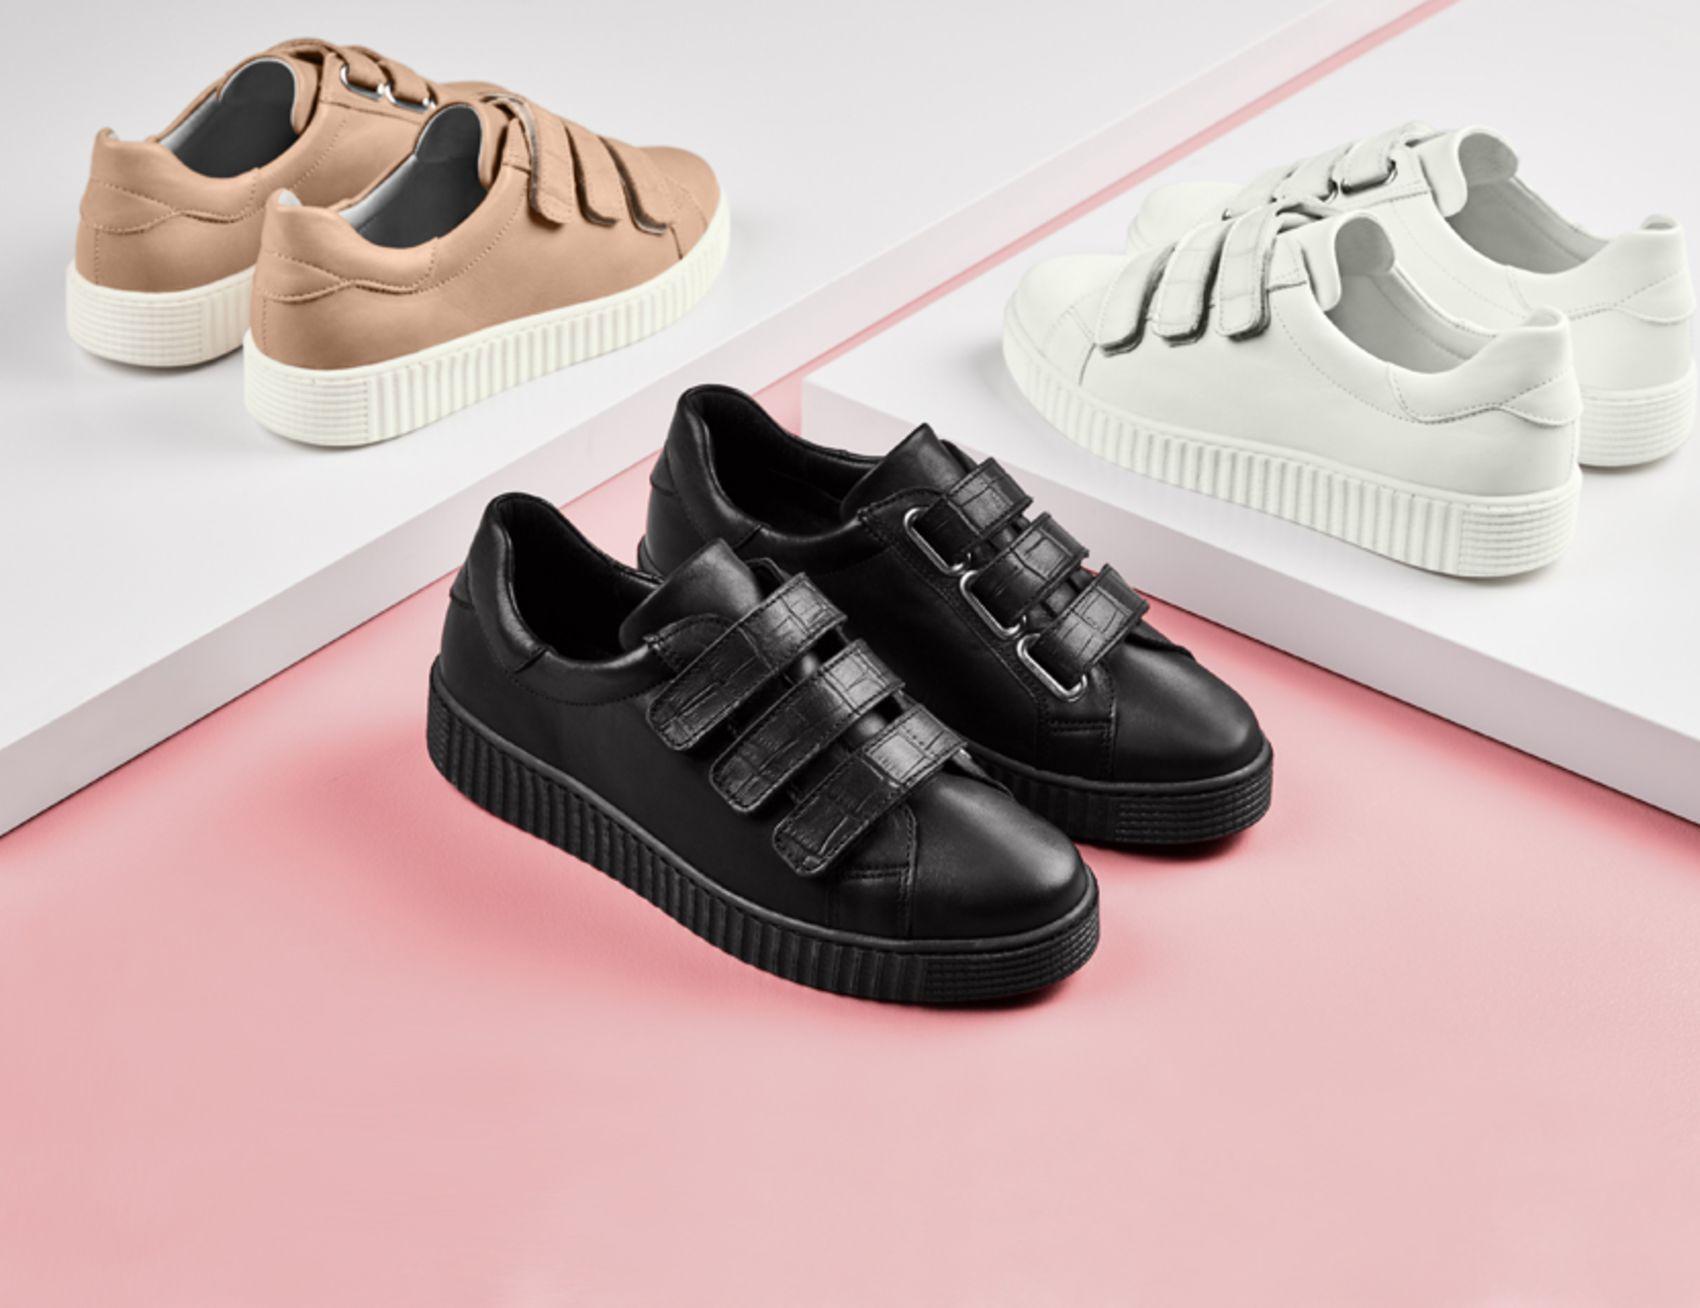 Entdecken Sie die neuen bequemen Sneaker für Hallux valgus von LaShoe